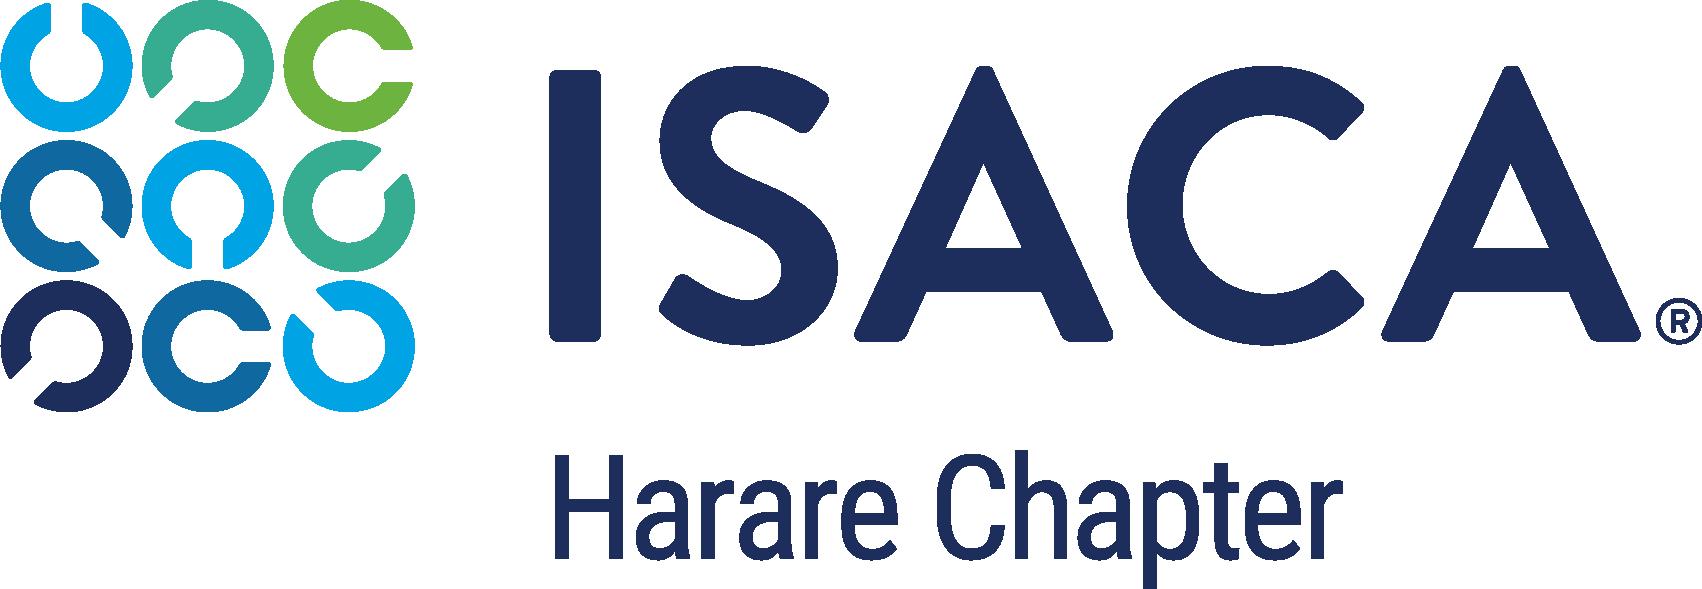 ISACA Harare Chapter logo